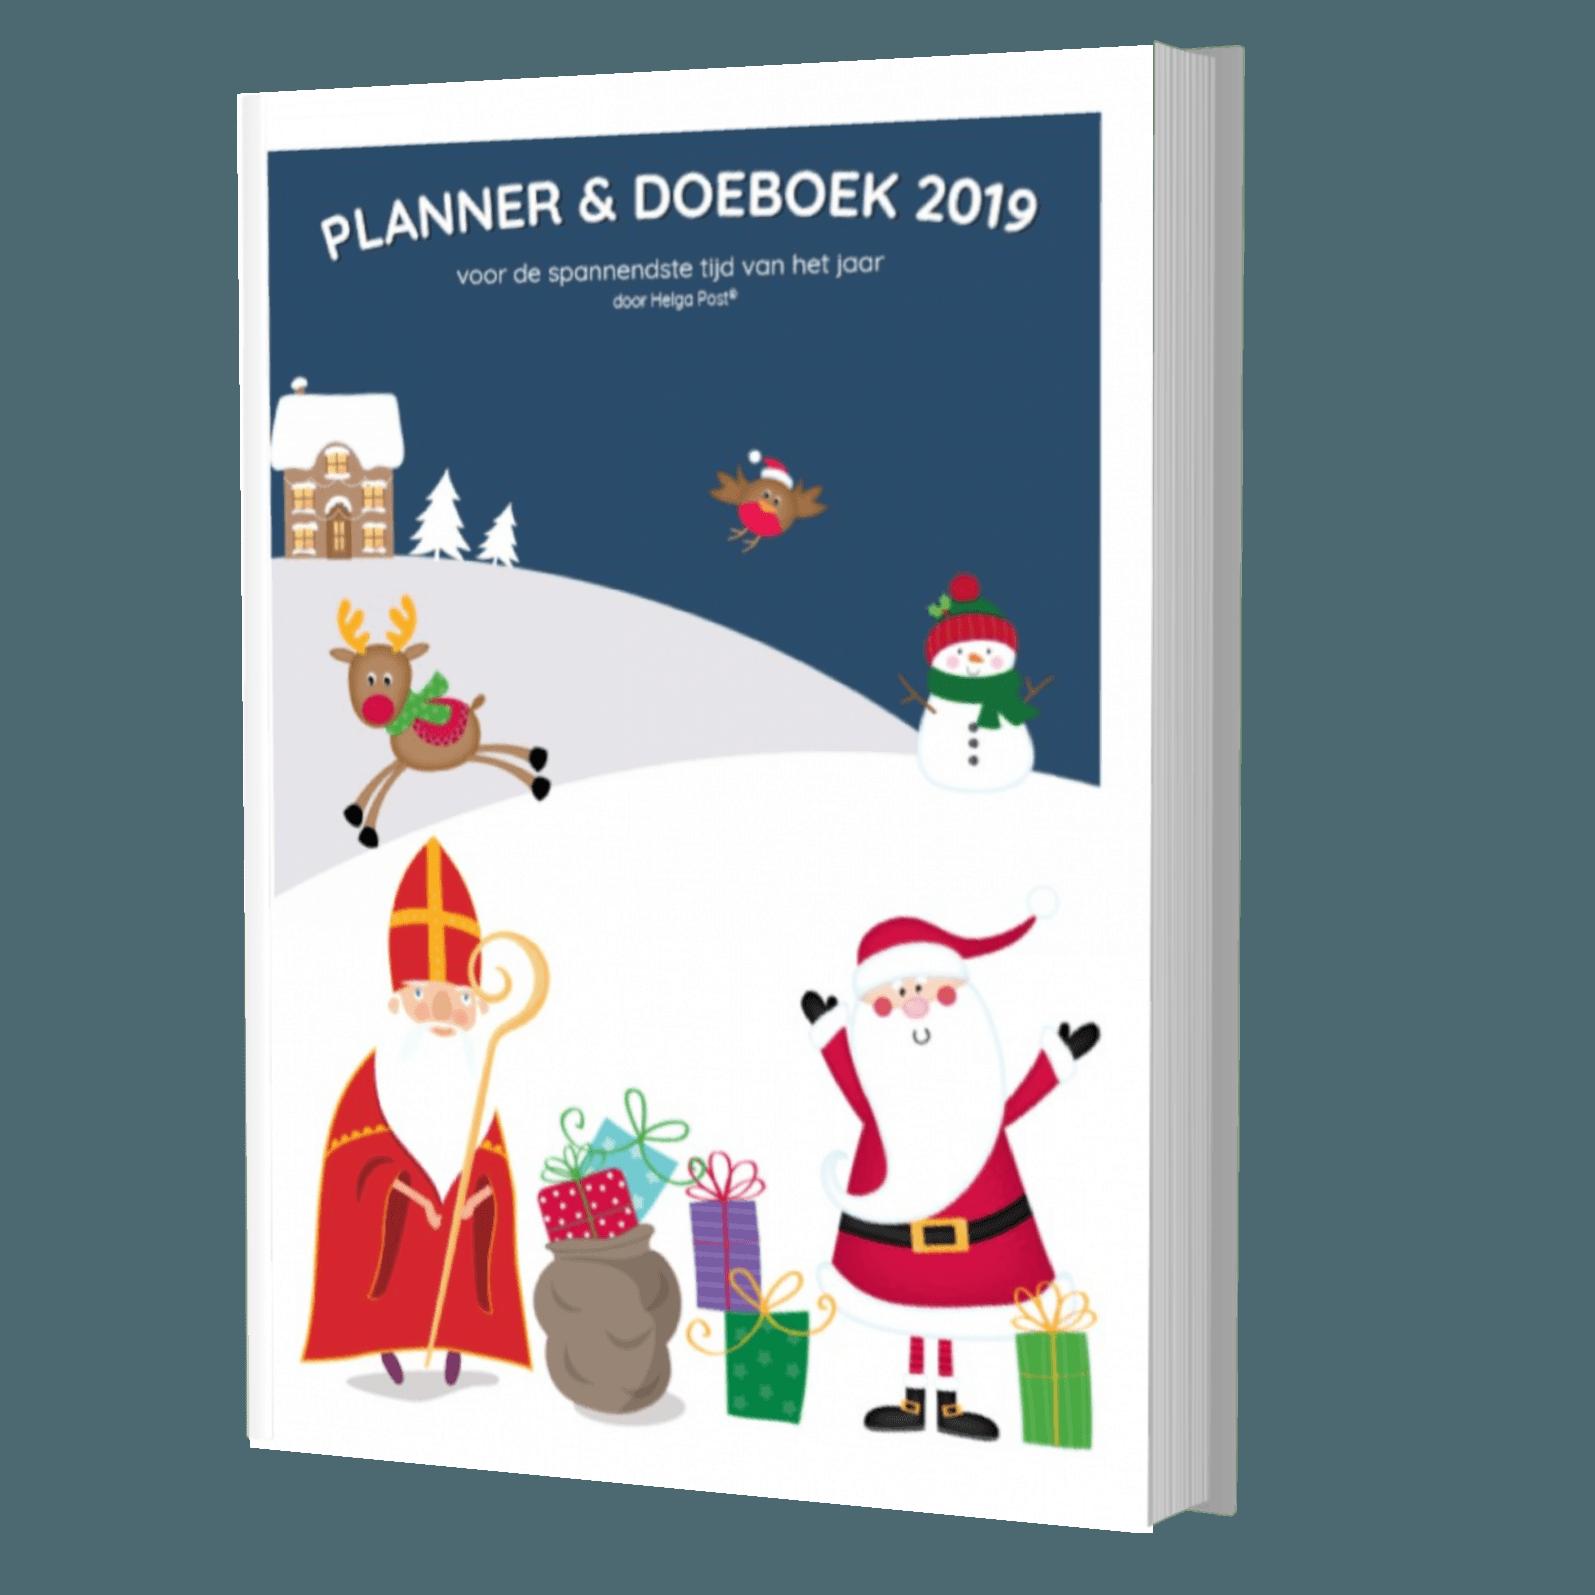 Planner en Doeboek 2019